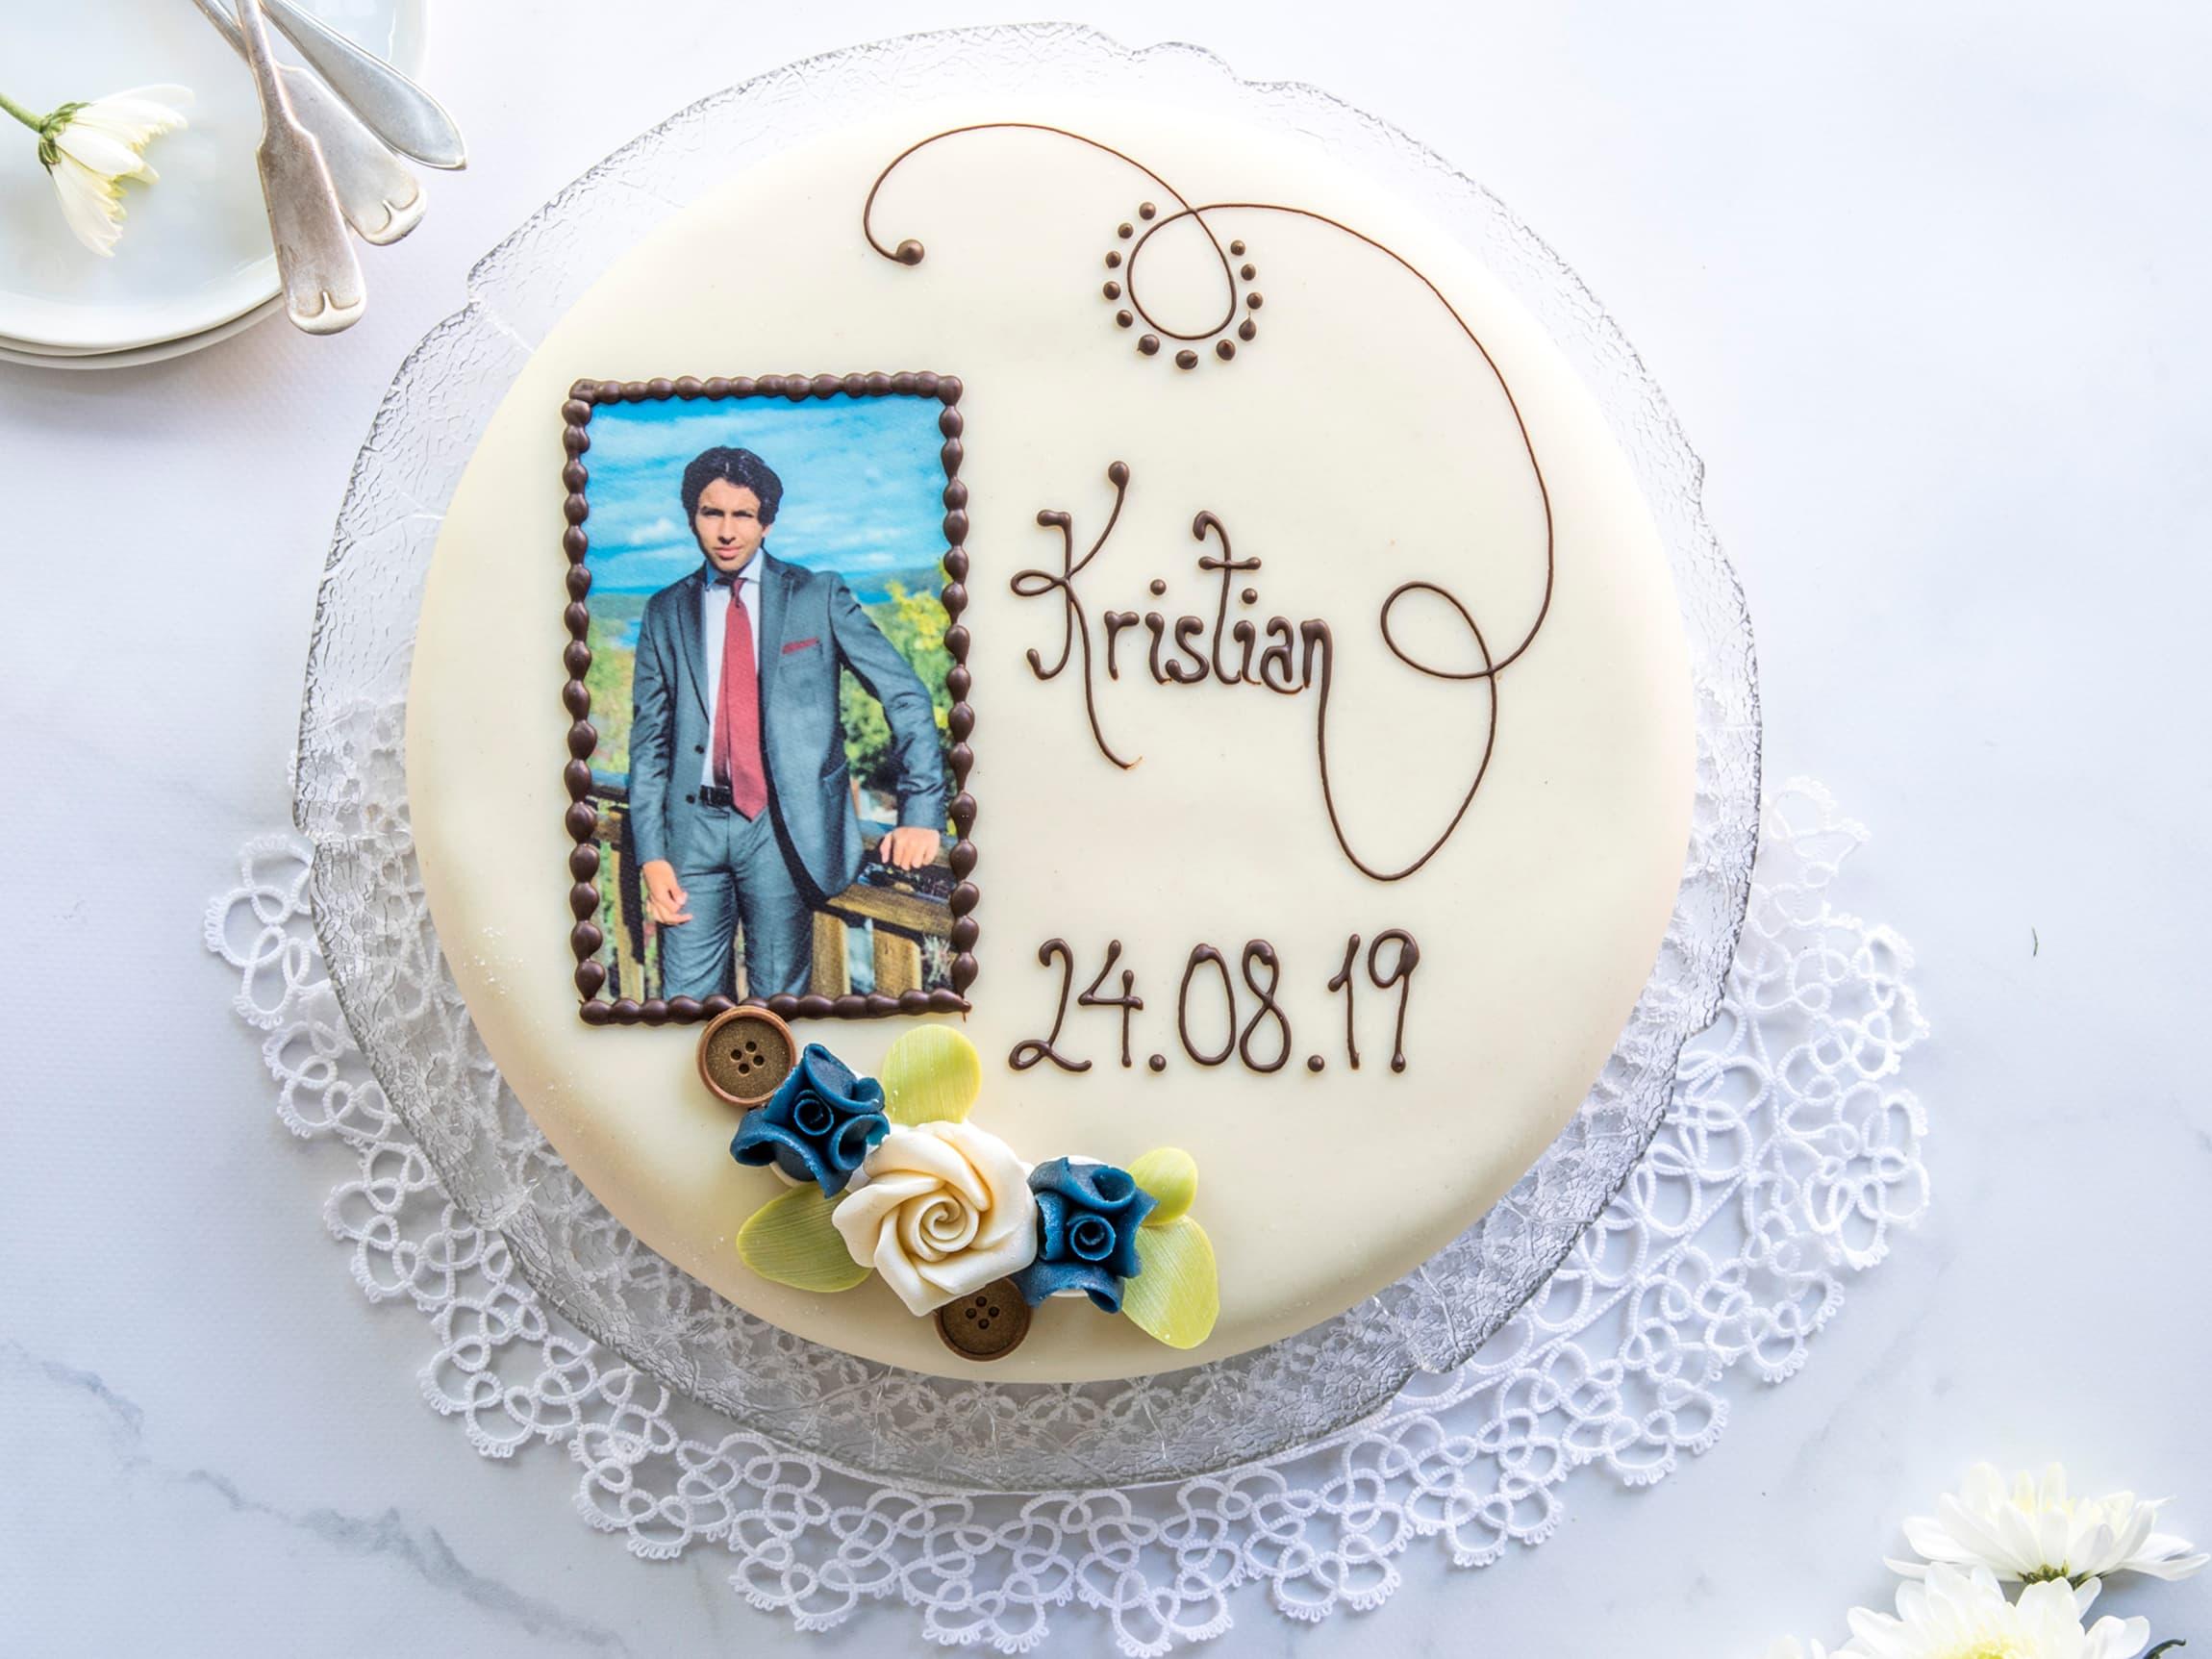 Skreddersy din kake til personlig bilde og tekst.